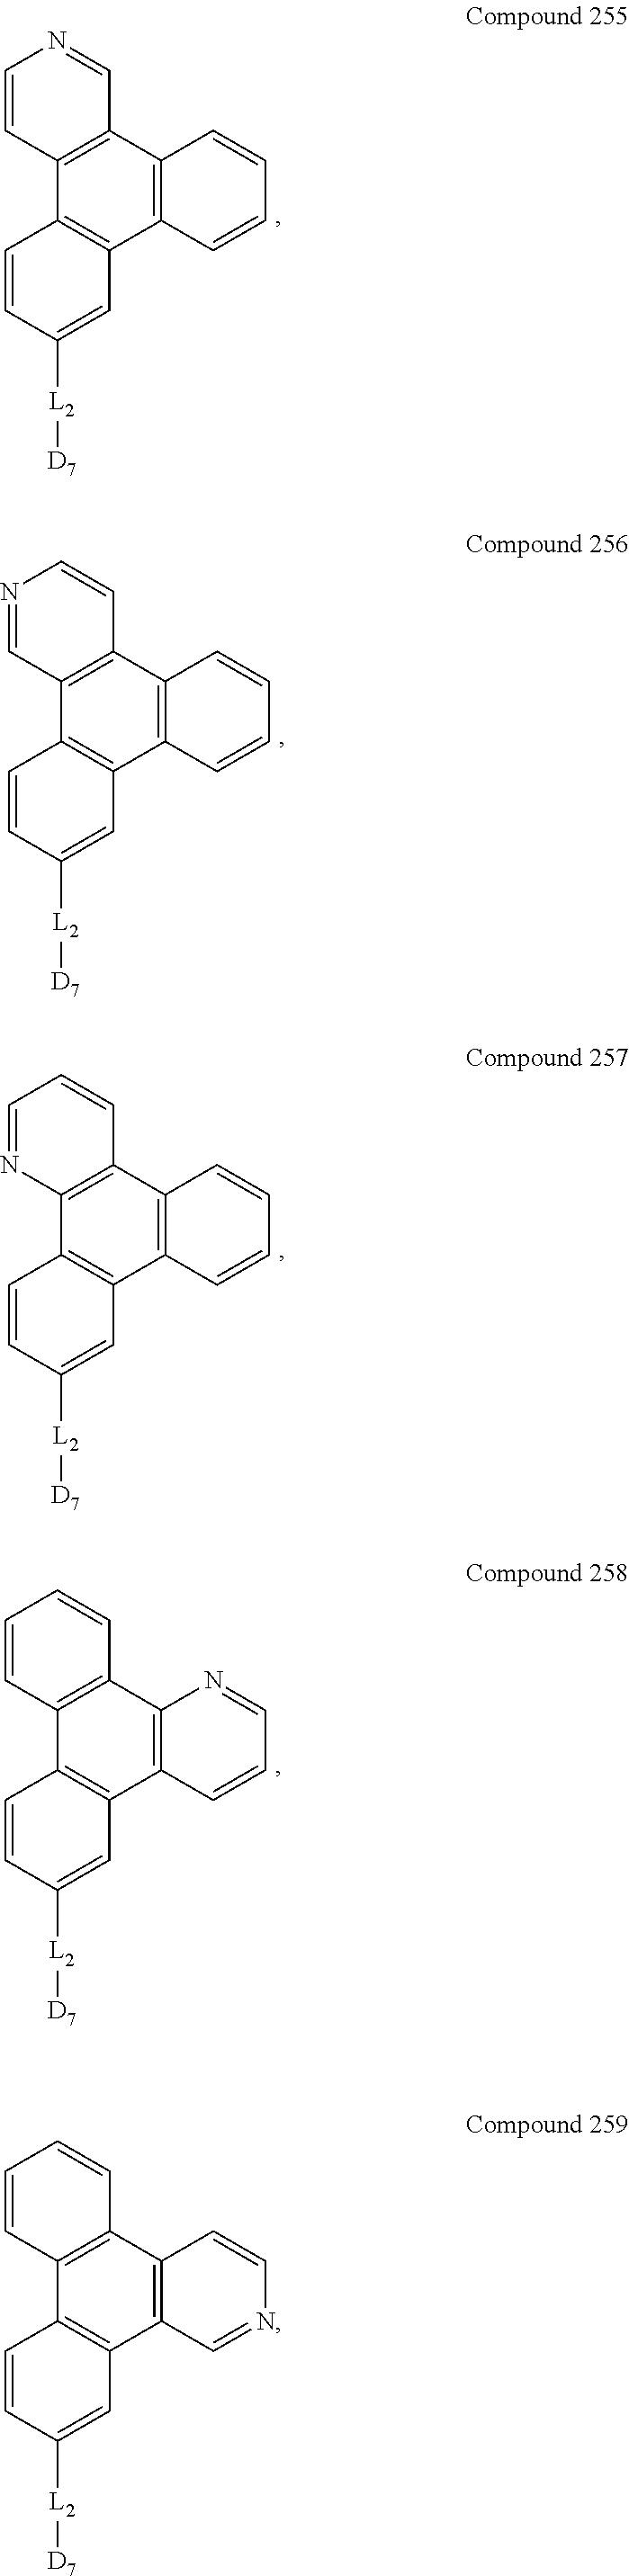 Figure US09537106-20170103-C00087